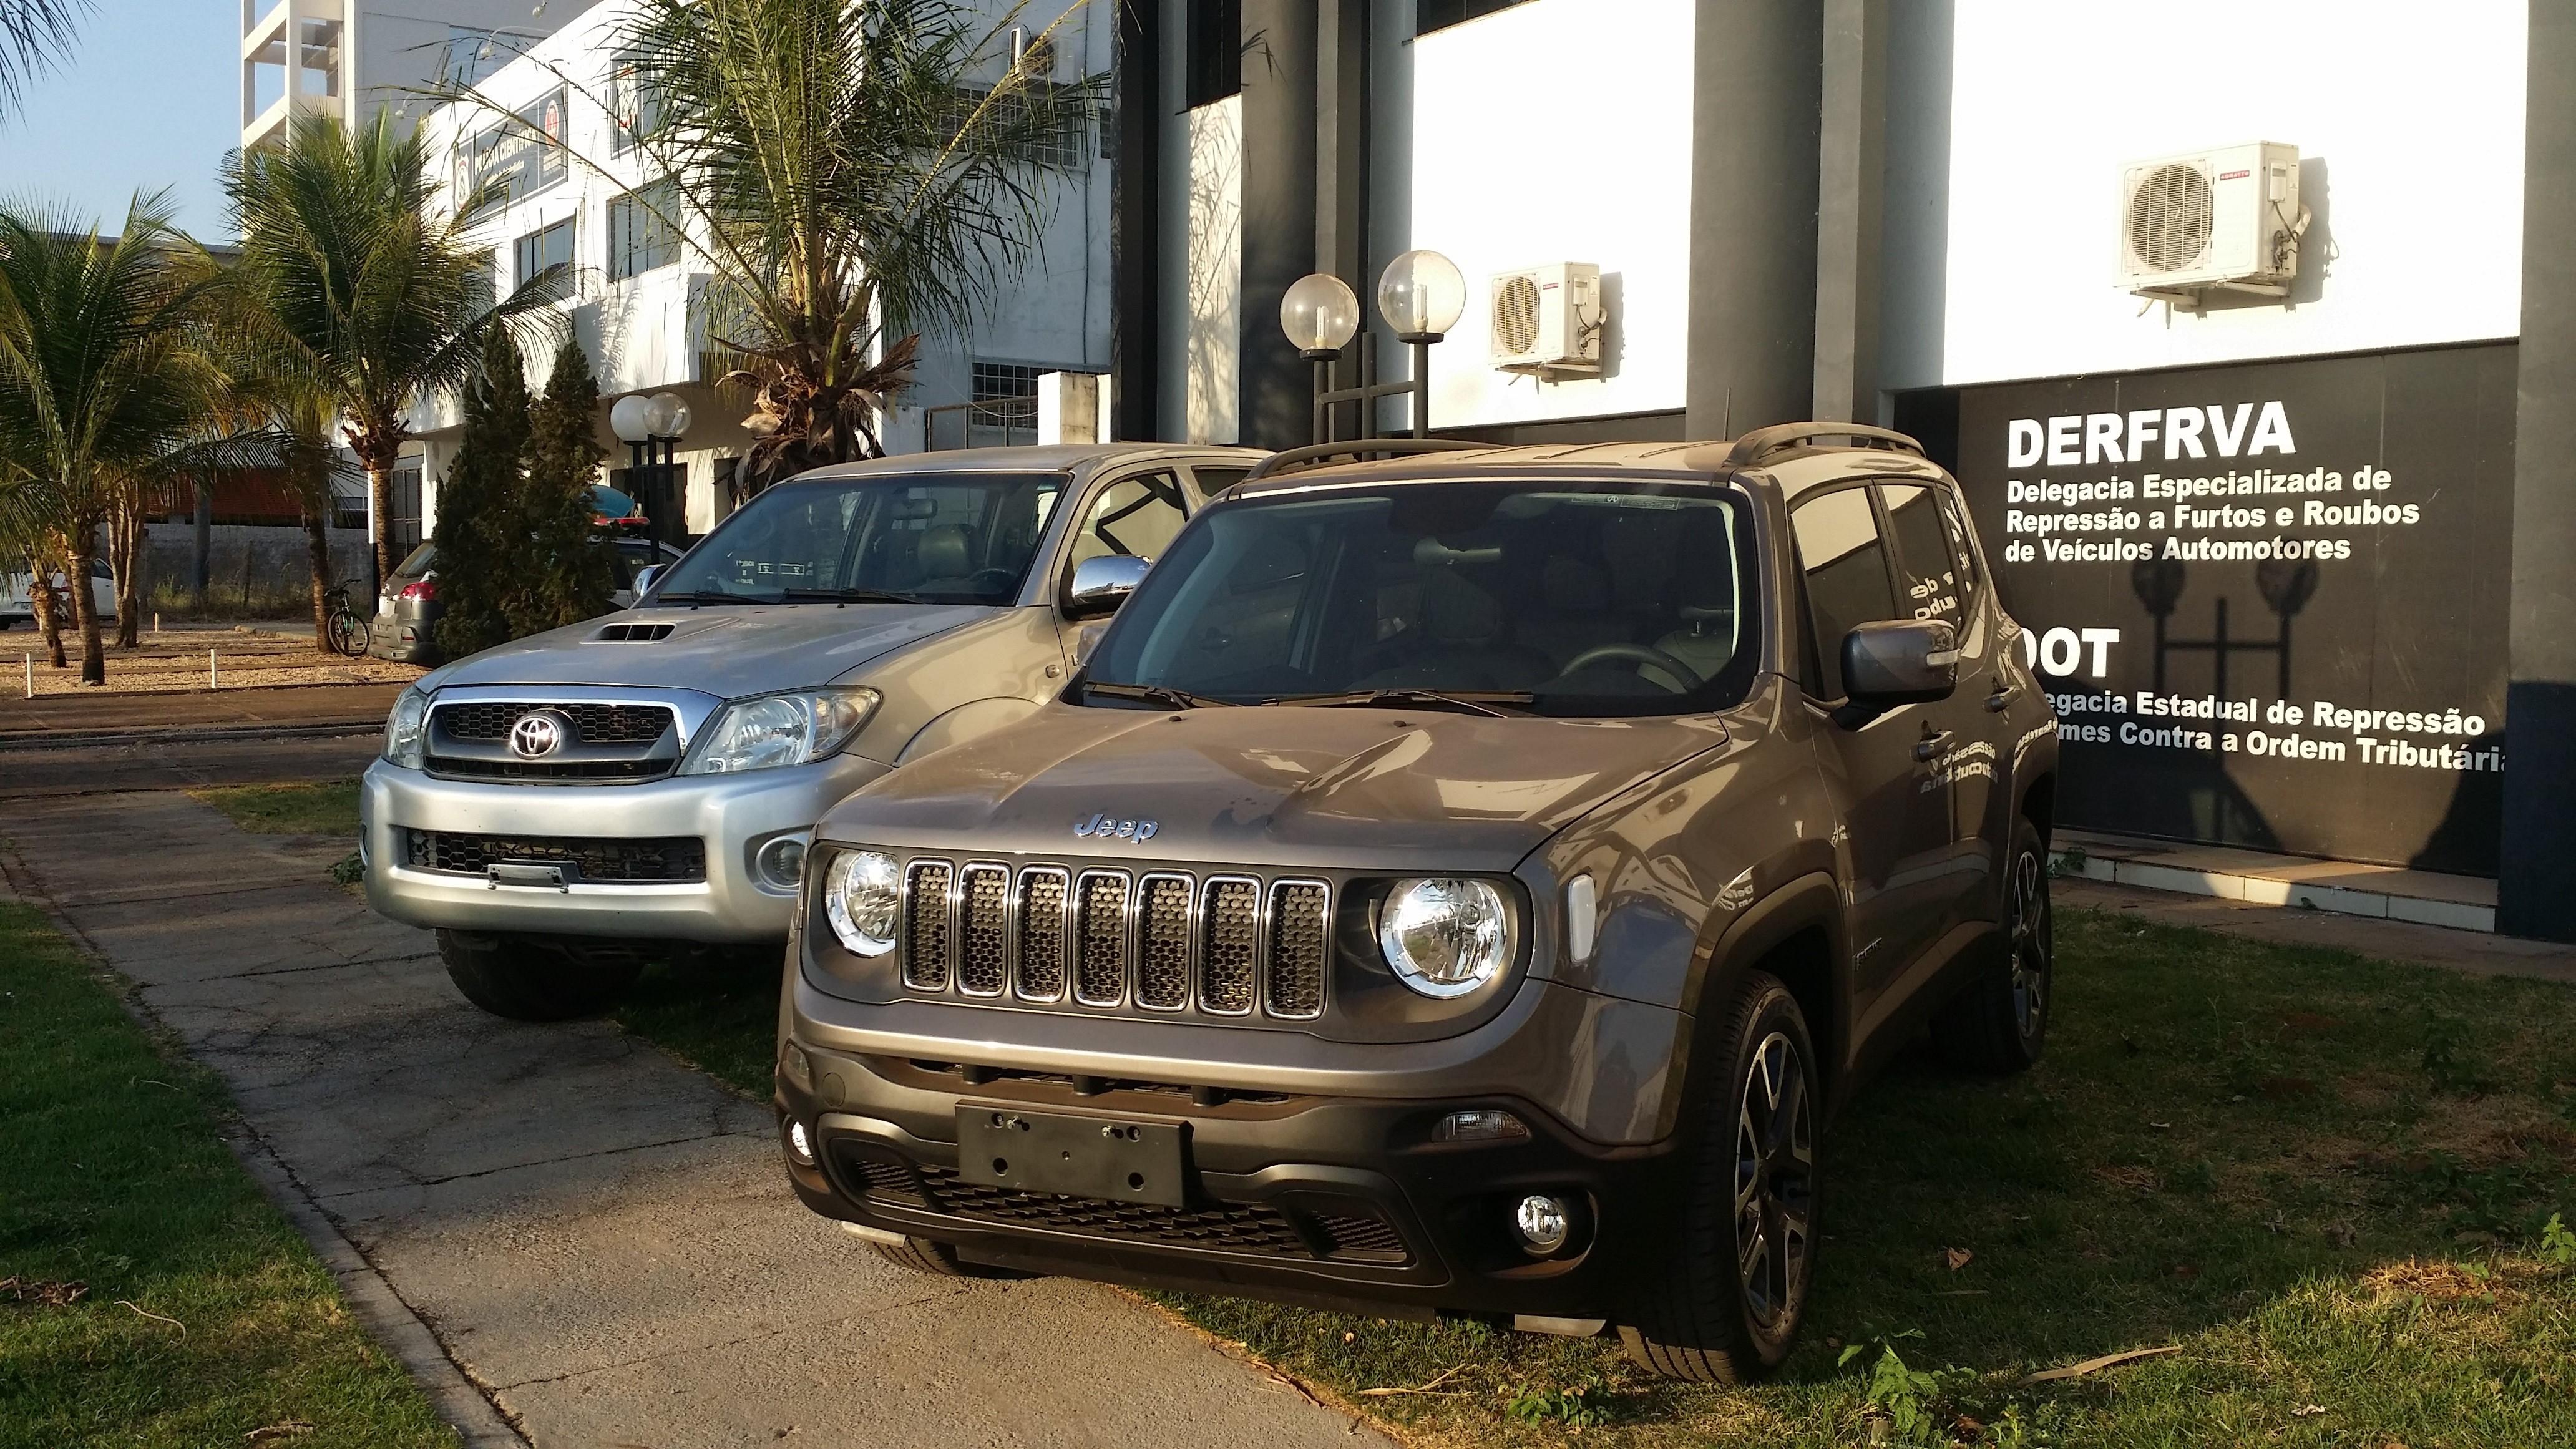 Caminhonete adulterada é apreendida em garagem no centro de Palmas - Notícias - Plantão Diário